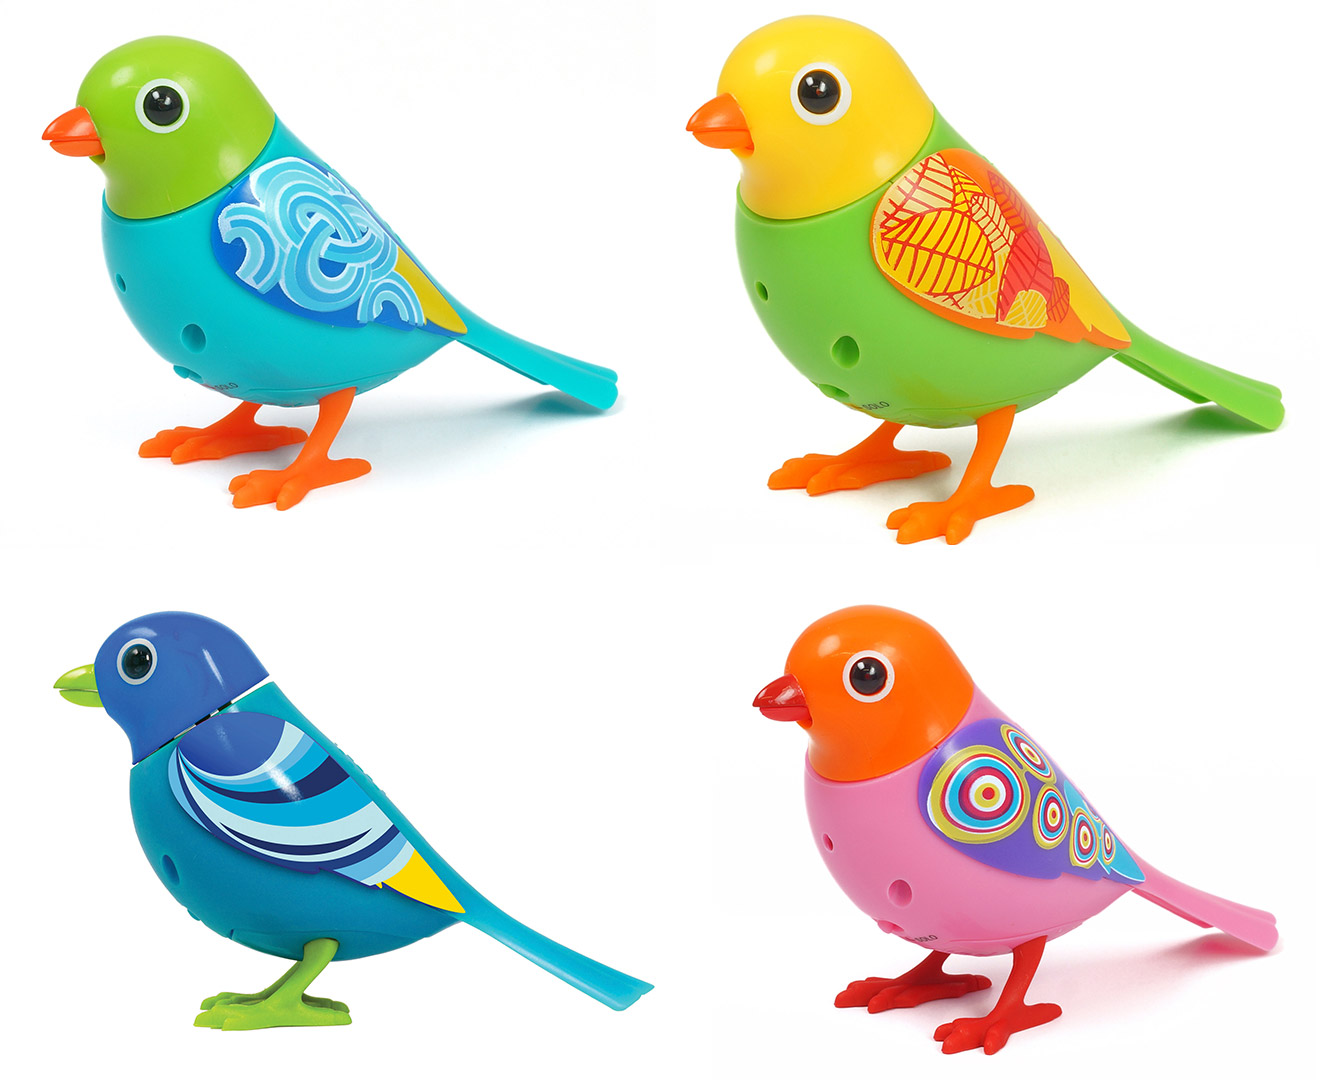 CatchOfTheDaycomau DigiBirds Singing Bird Toy : 54b752d7a9c0d437060638 from www.catchoftheday.com.au size 1320 x 1080 jpeg 193kB